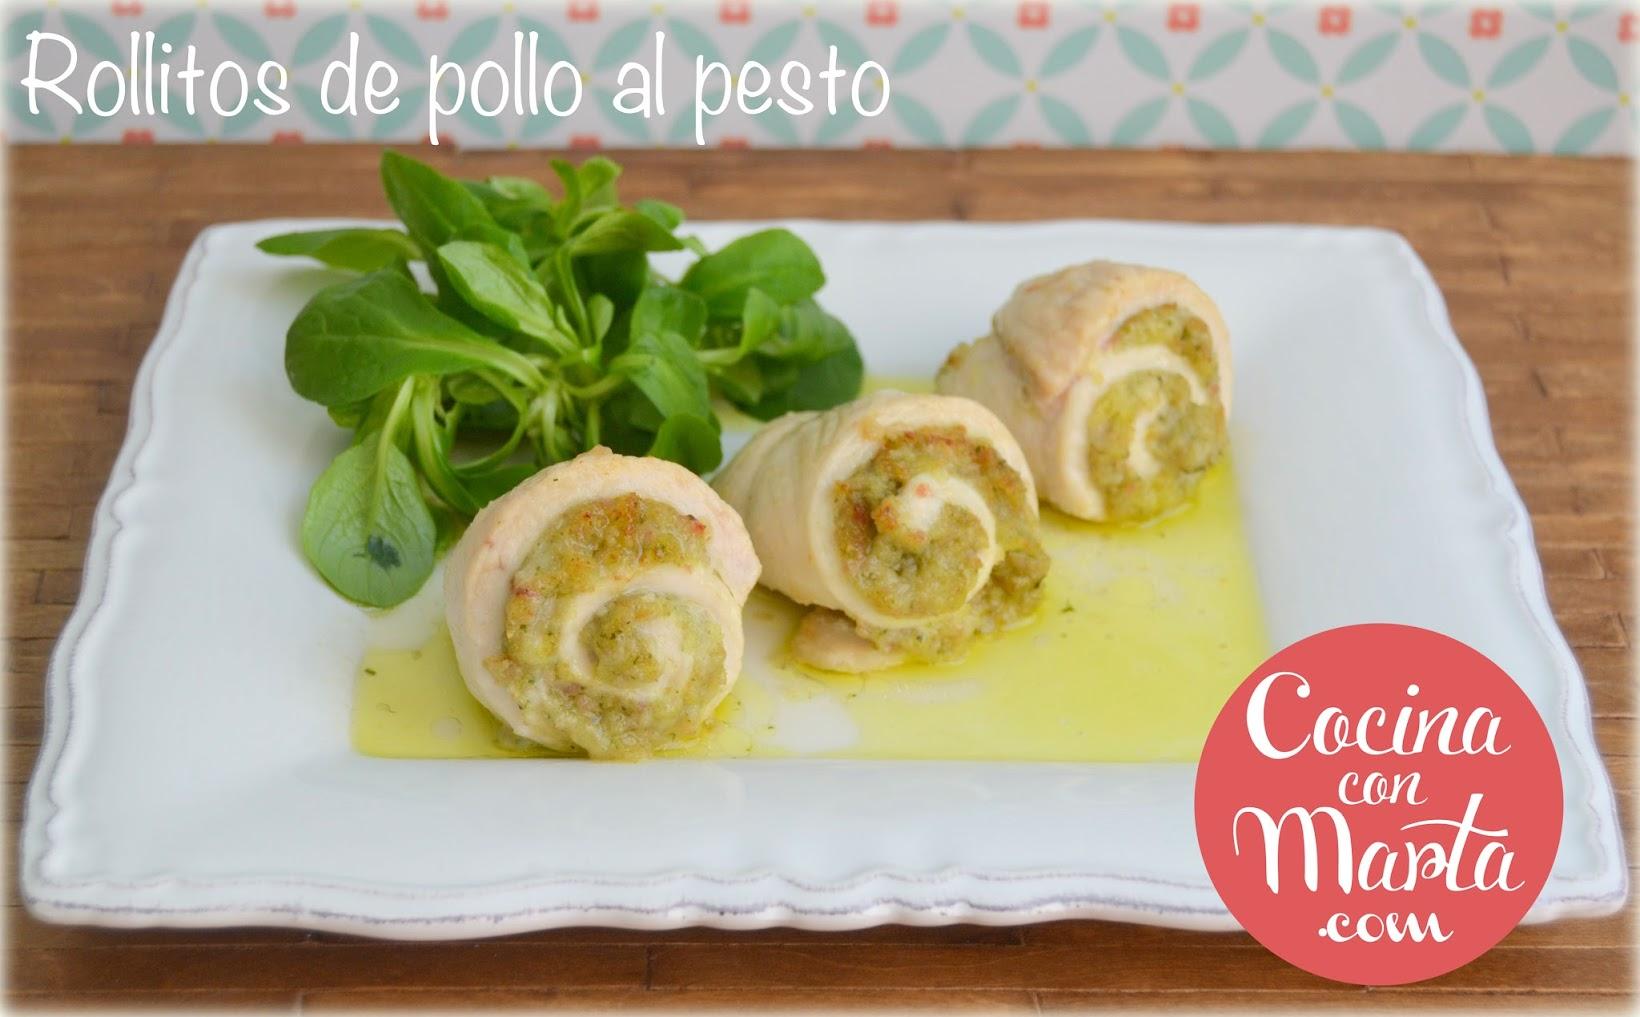 Receta Rollitos de pollo rellenos de pesto. Fácil, rápida, niños. Cocina con Marta.